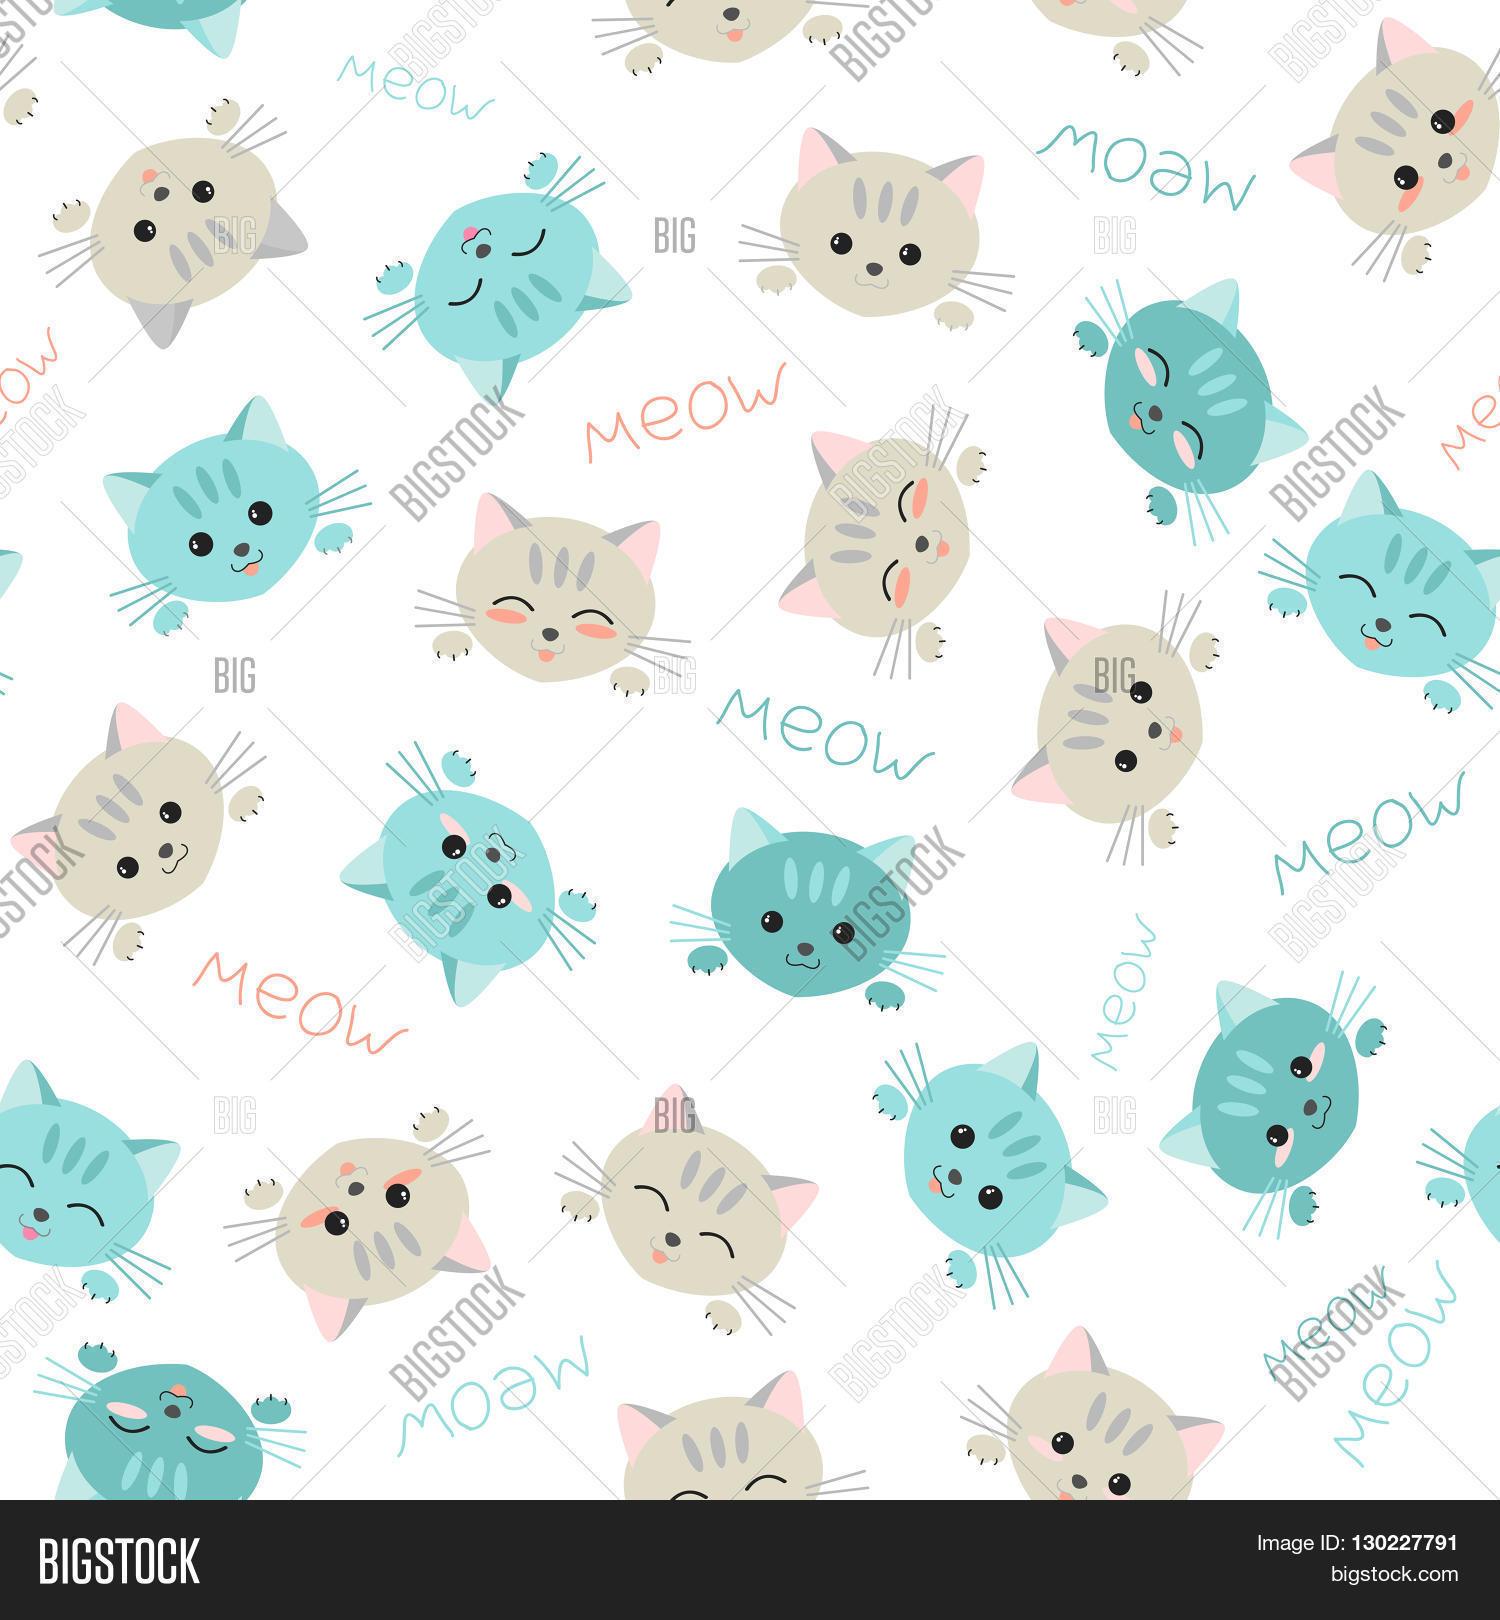 Seamless kitten background. Japanese manga style. Illustration with cute cats. Kawaii joyful pets